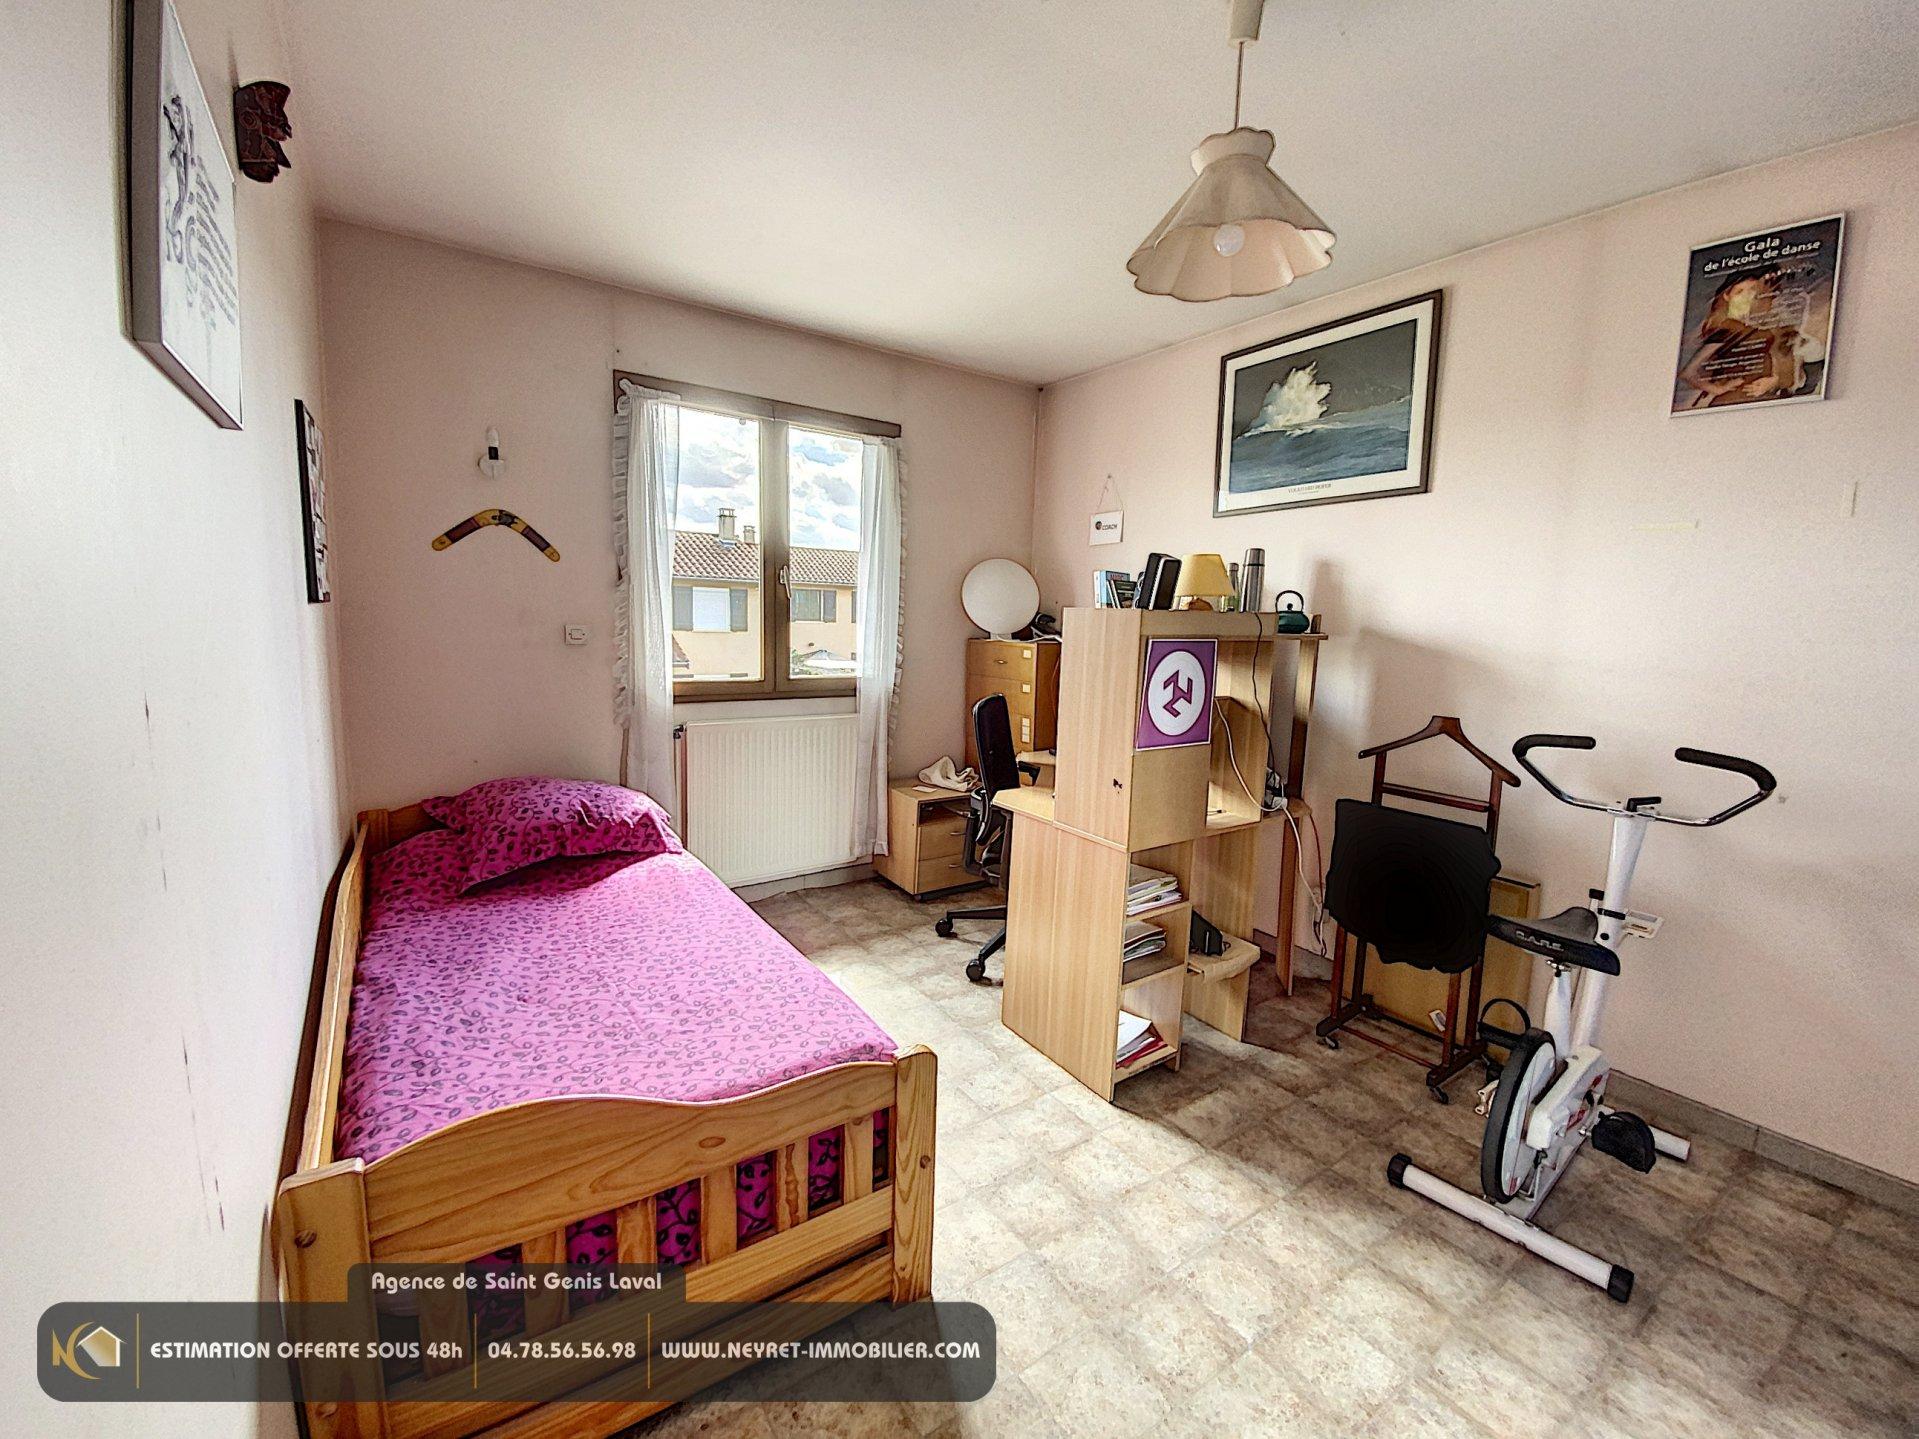 Maison 7 pièces, garage, terrain clos